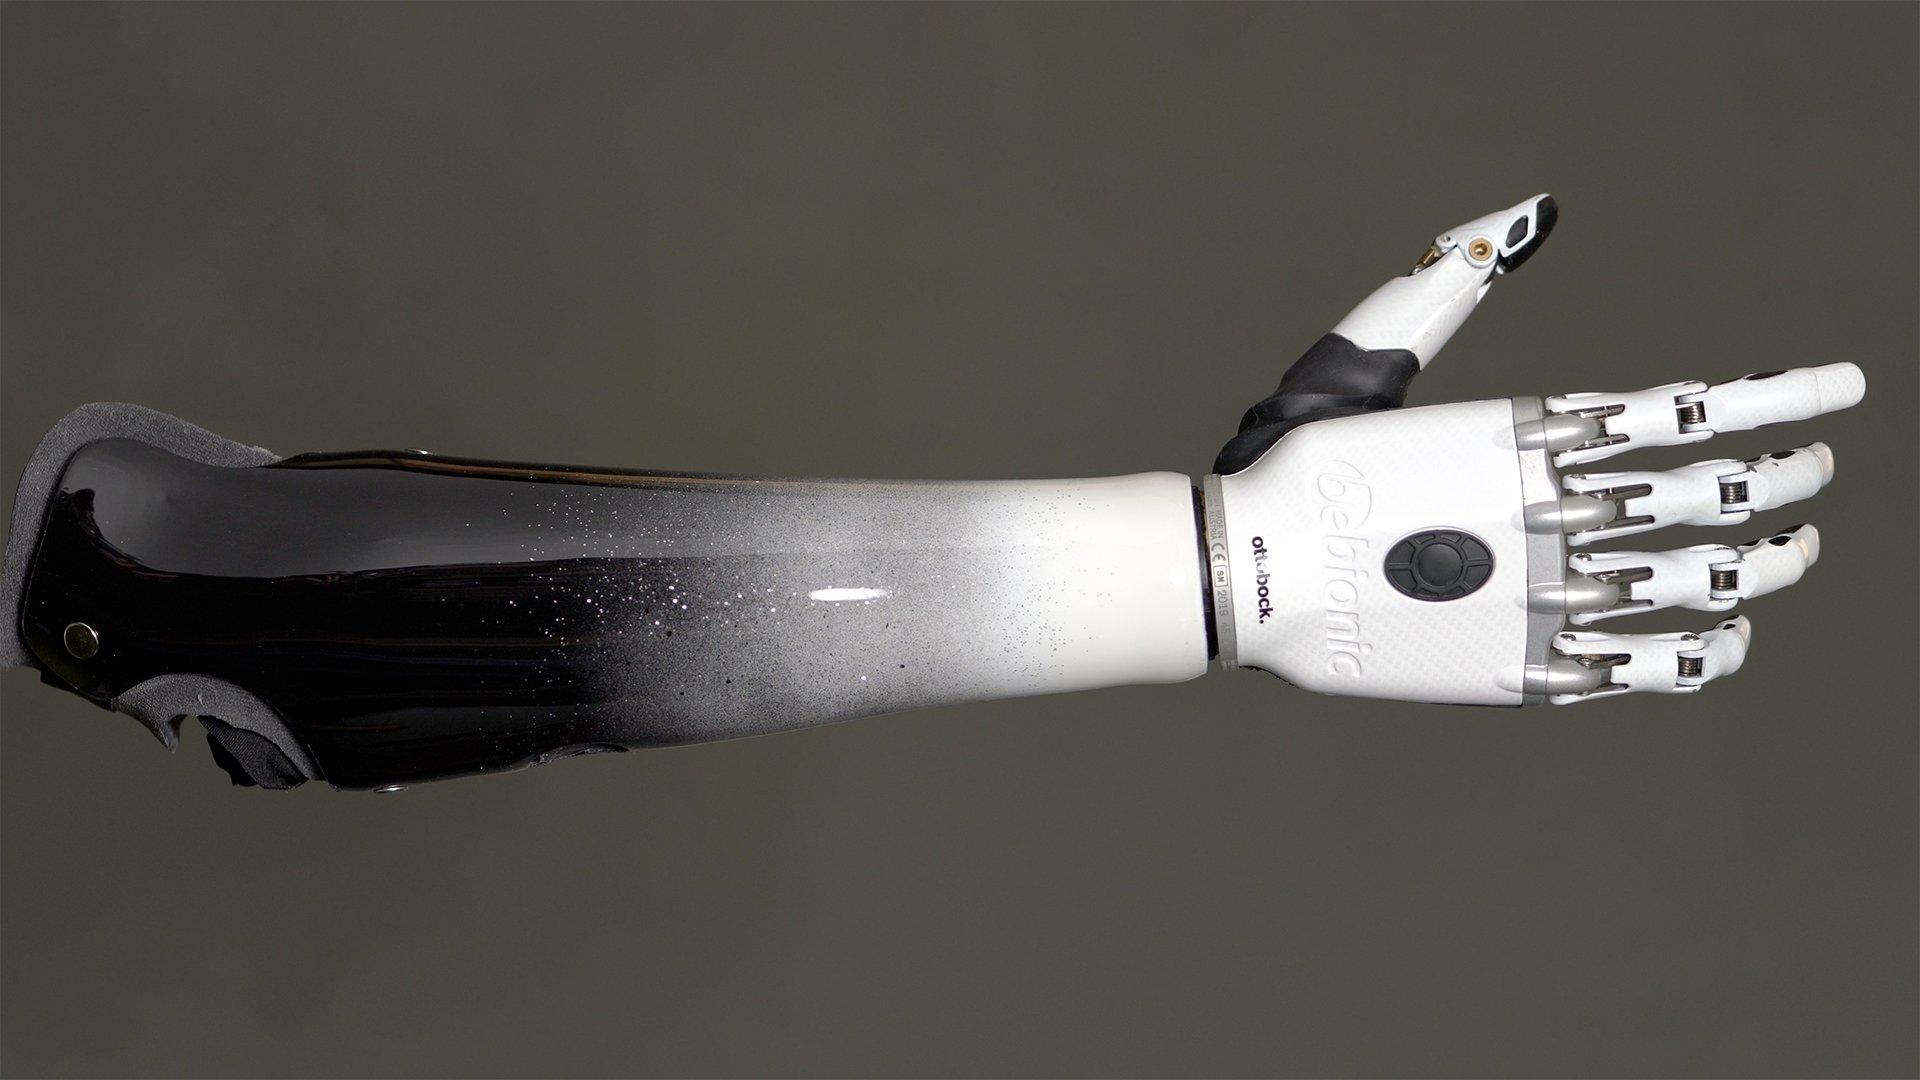 Shaholly Ayers custom socket and bebionic hand